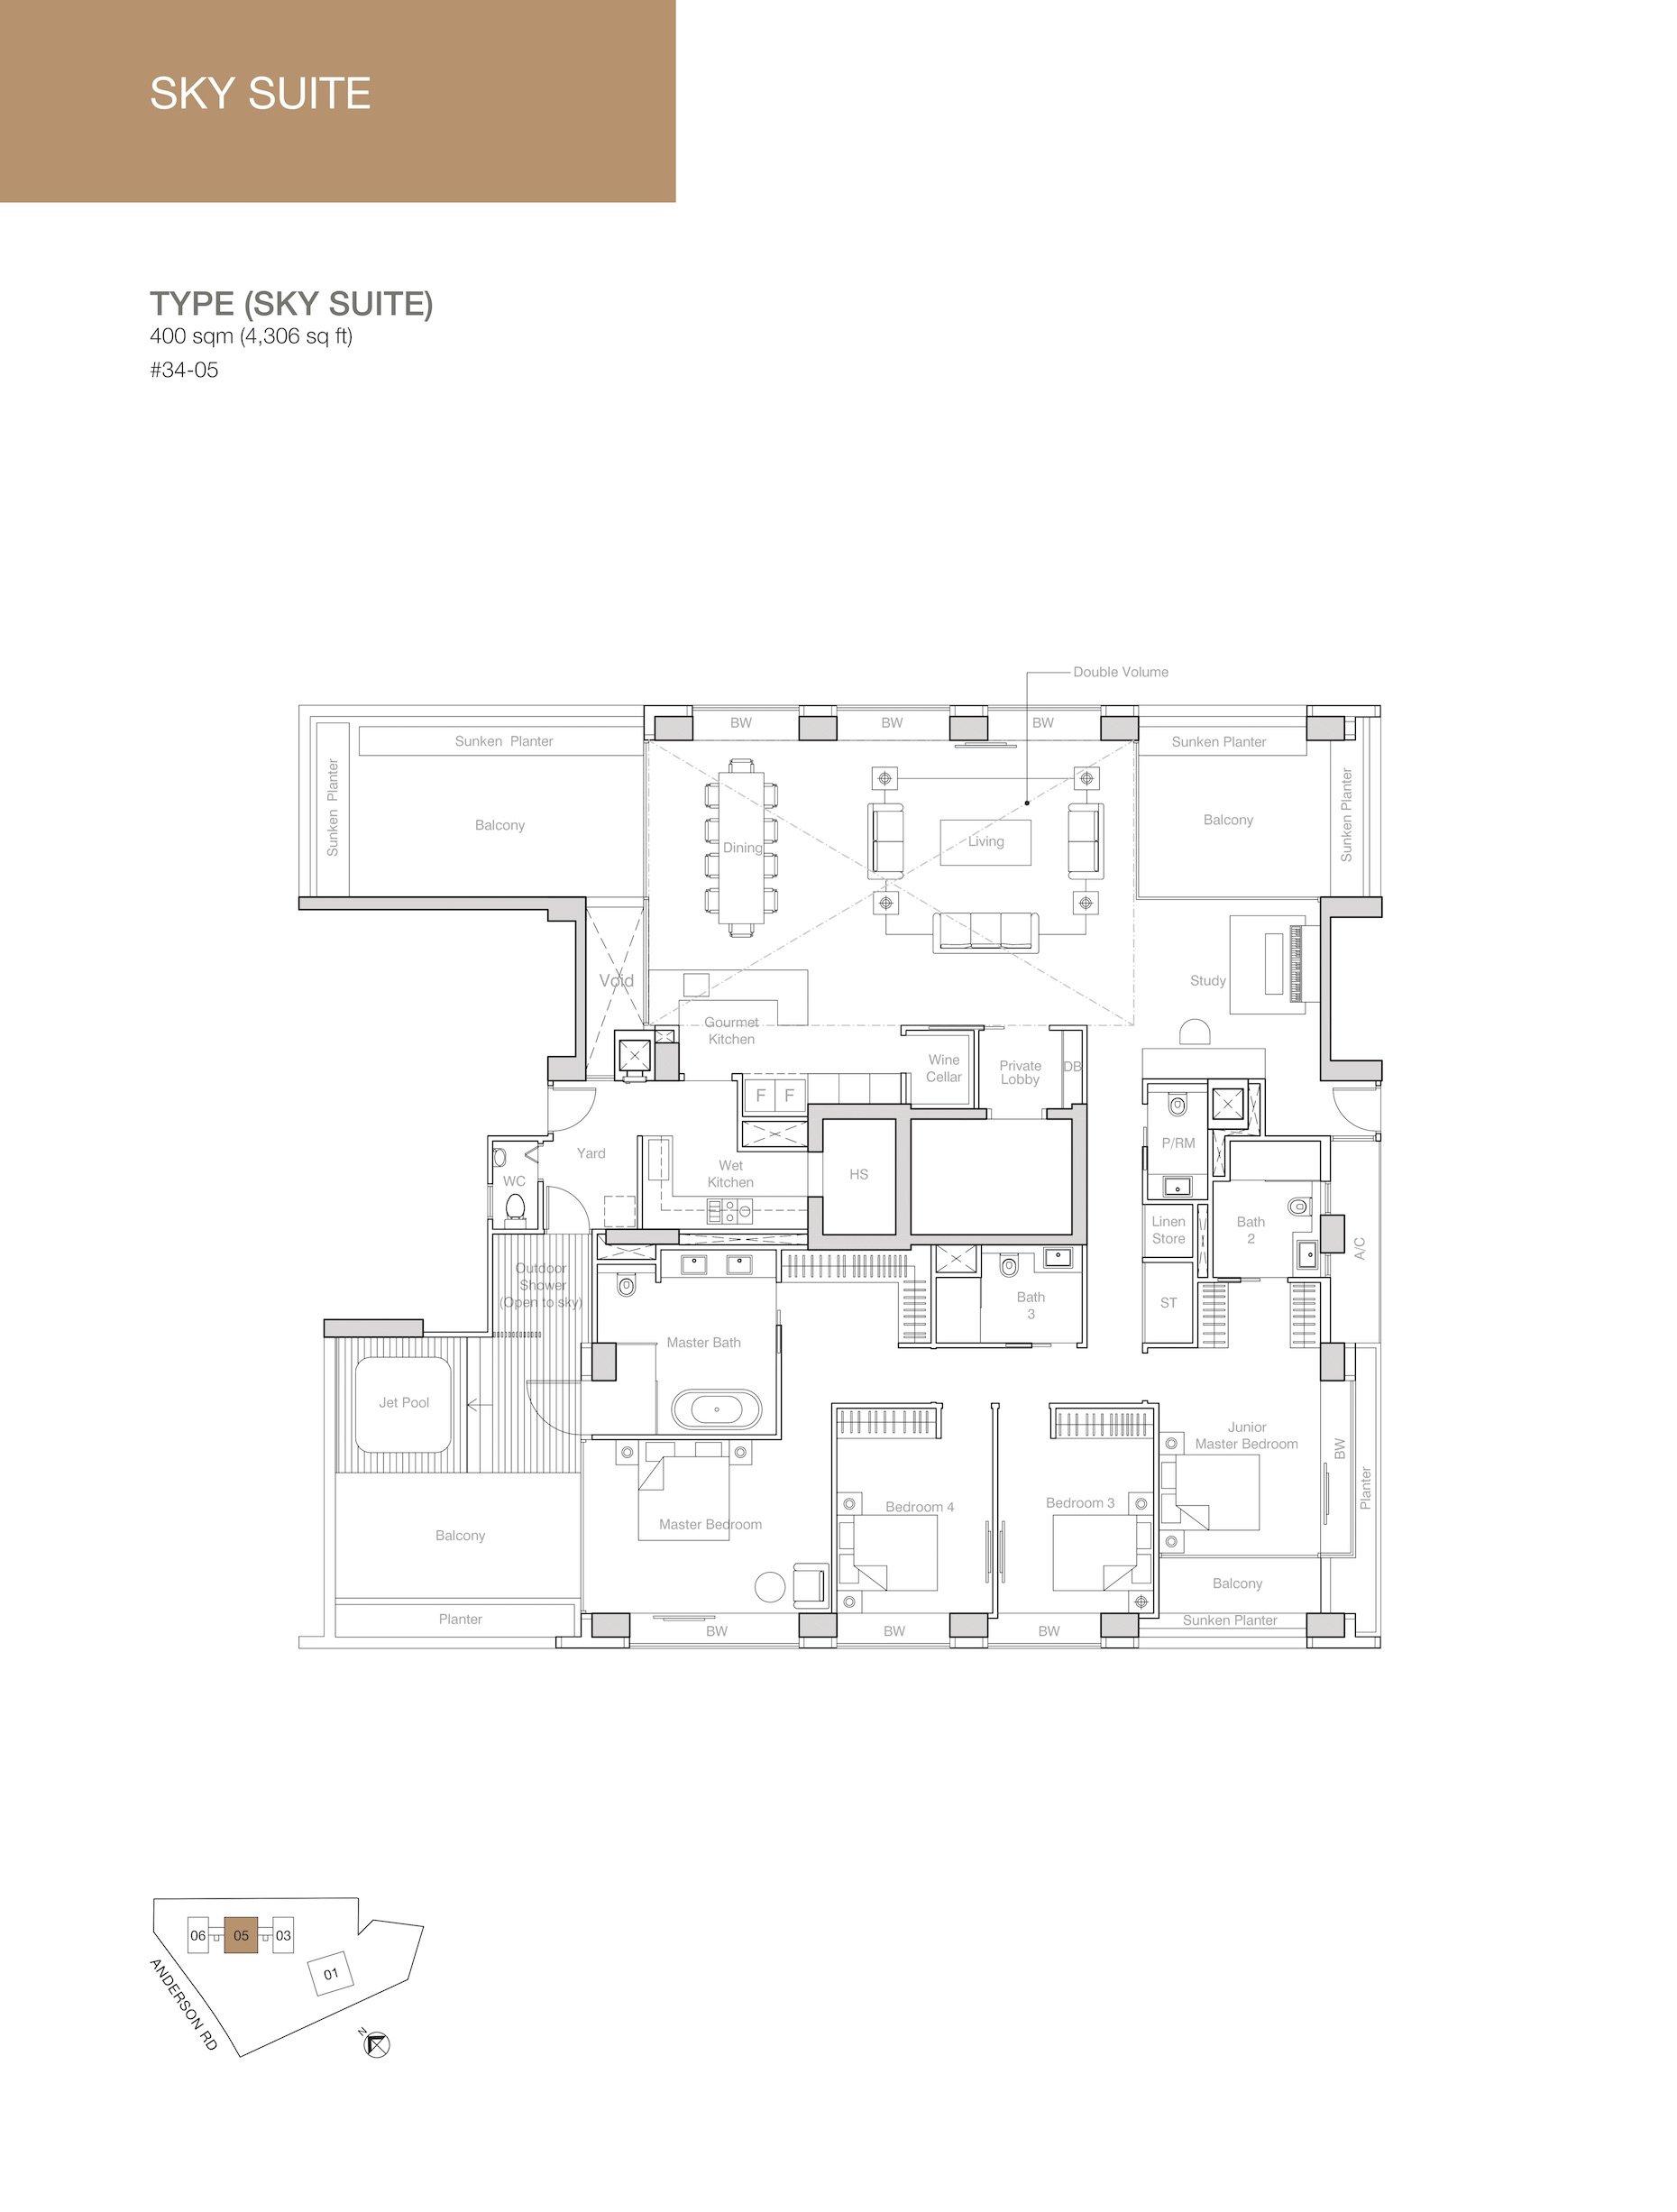 Nouvel 18 明筑公寓 floor plans sky suites 34-05